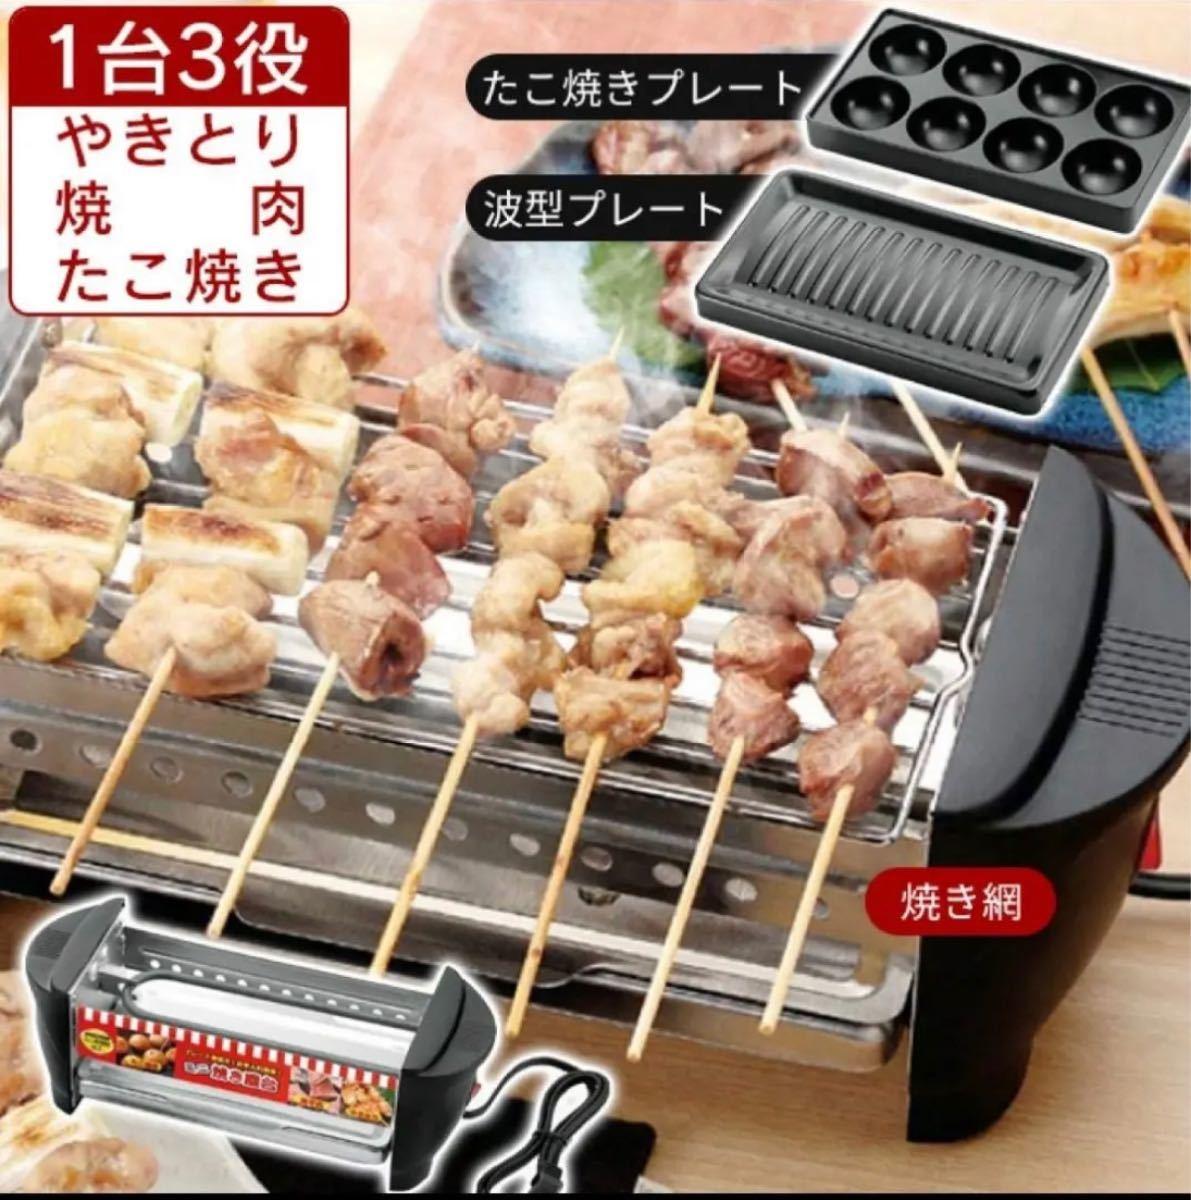 焼き鳥 たこ焼き器 たこ焼き機 たこ焼き やきとり 焼き鳥 焼肉 焼き肉 網